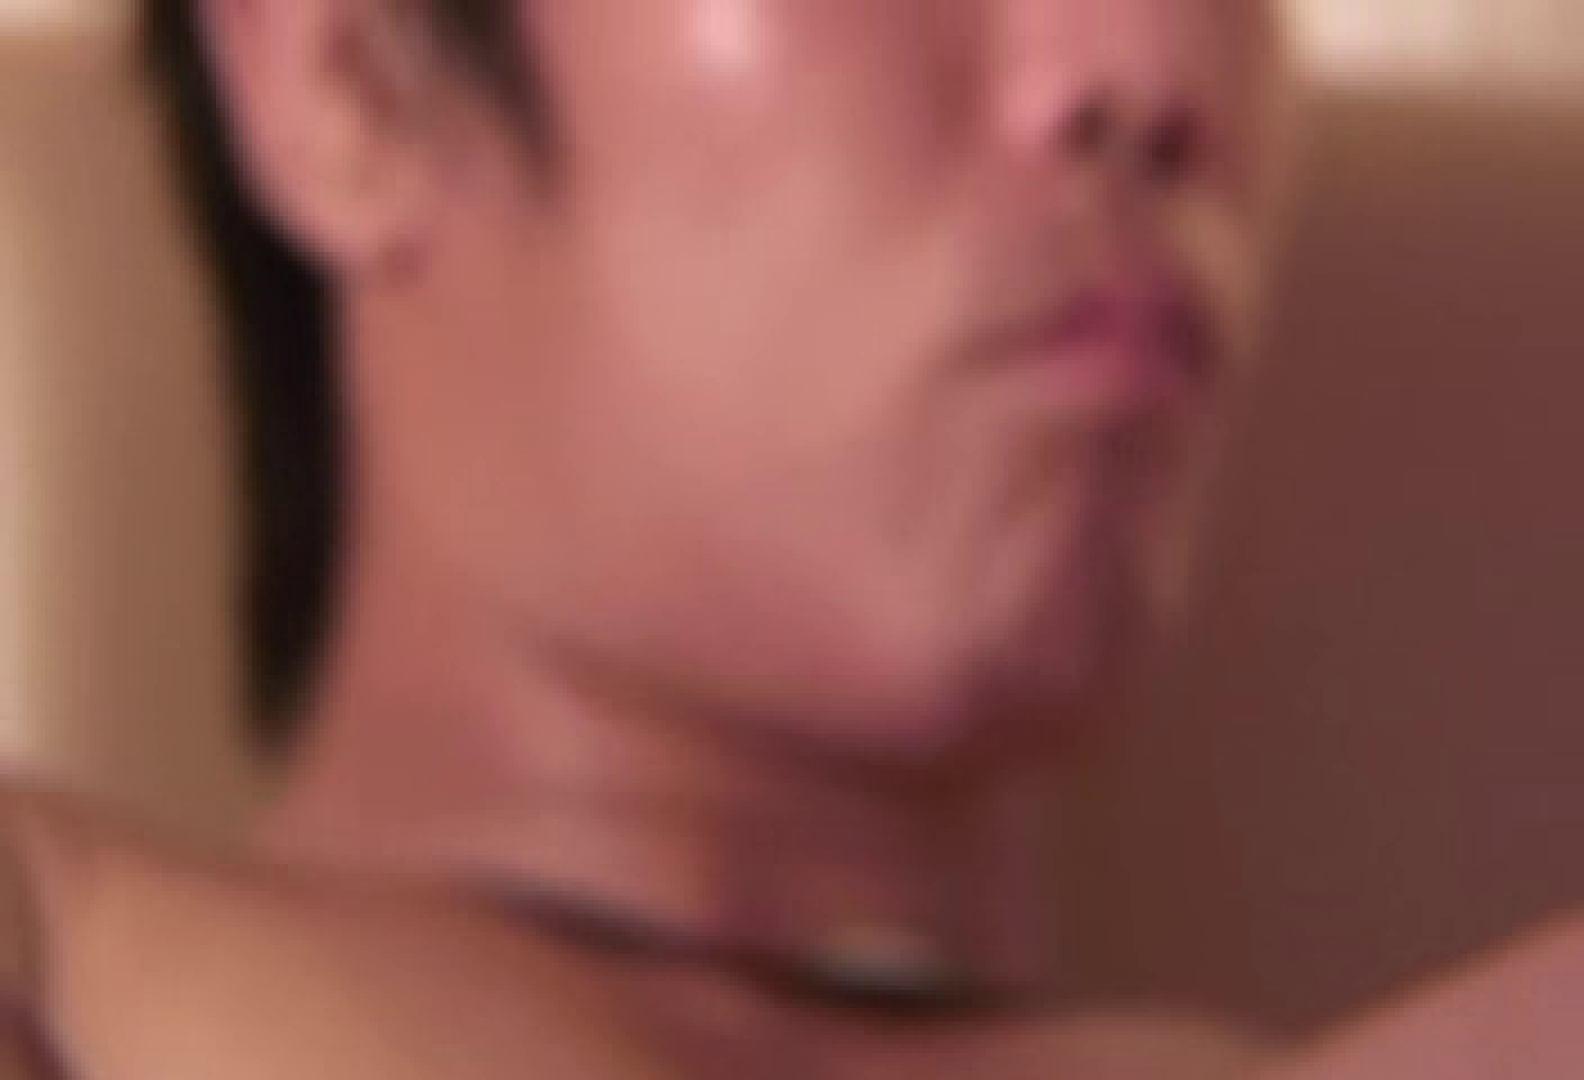 スリ筋!!Nice Finish!!vol.02 手技 | イケメン AV動画 14連発 14